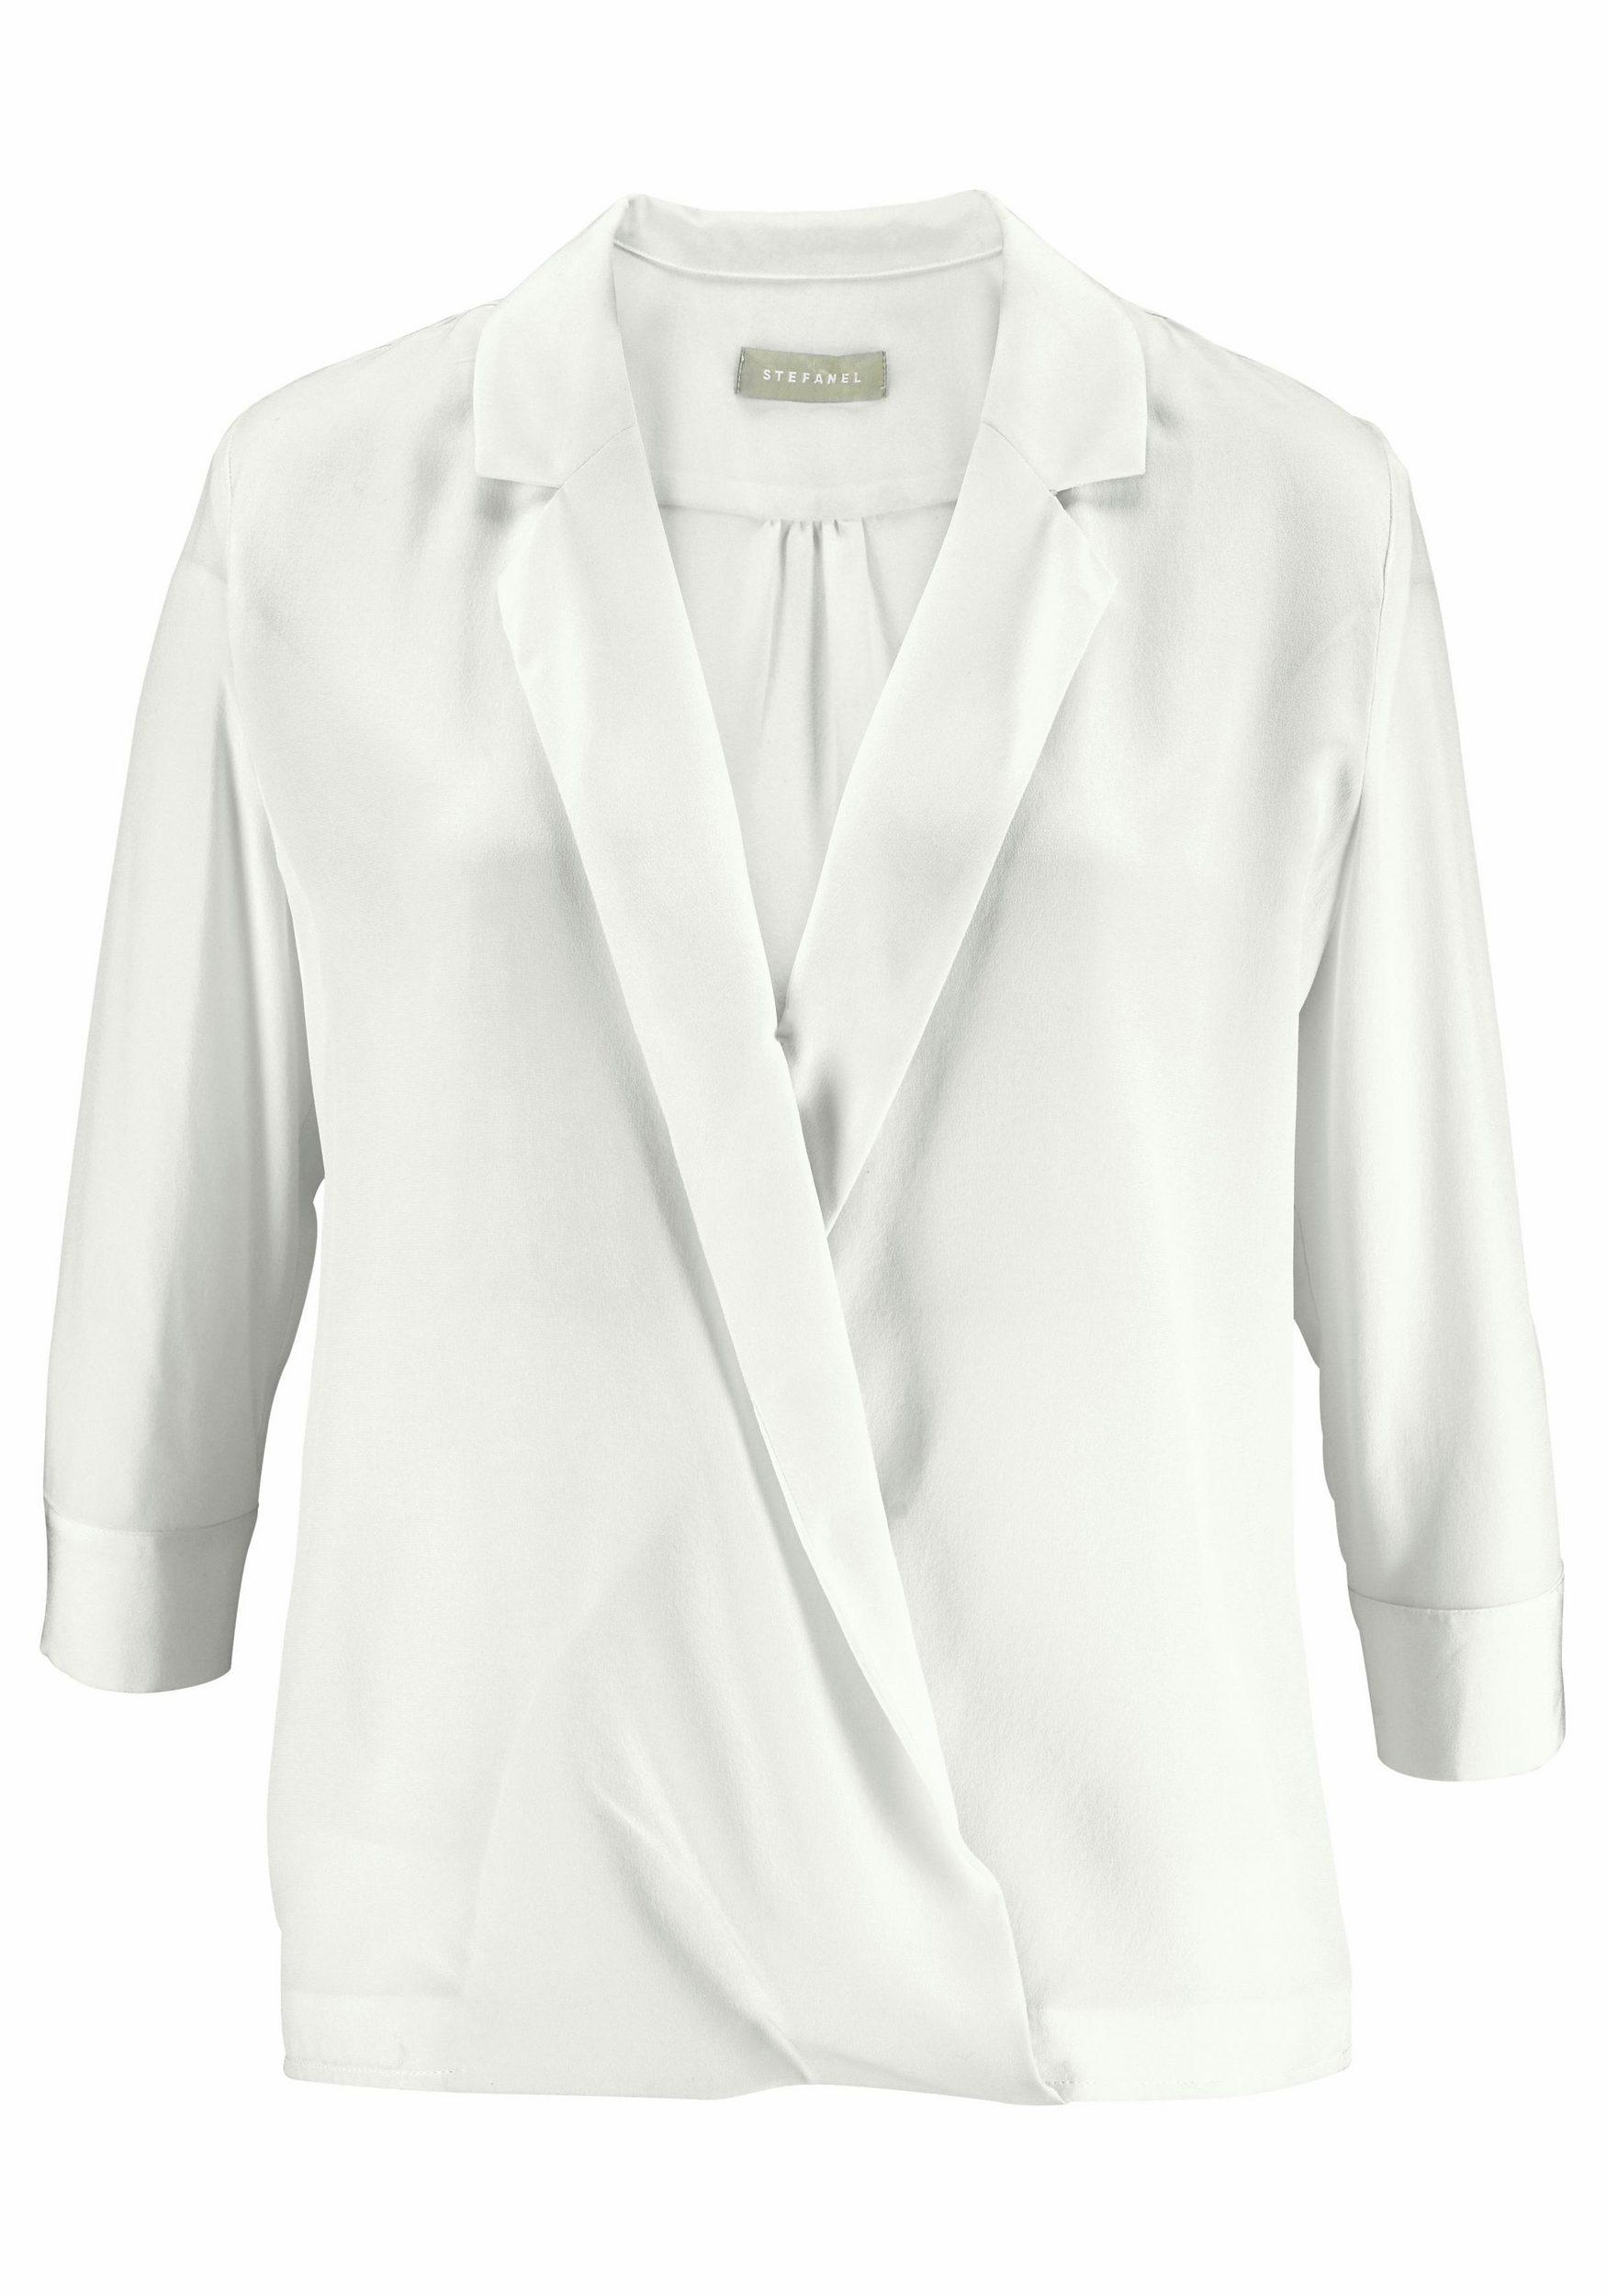 Otto bluse stefanel minimalistischer kleiderschrank 2 for Minimalistischer kleiderschrank